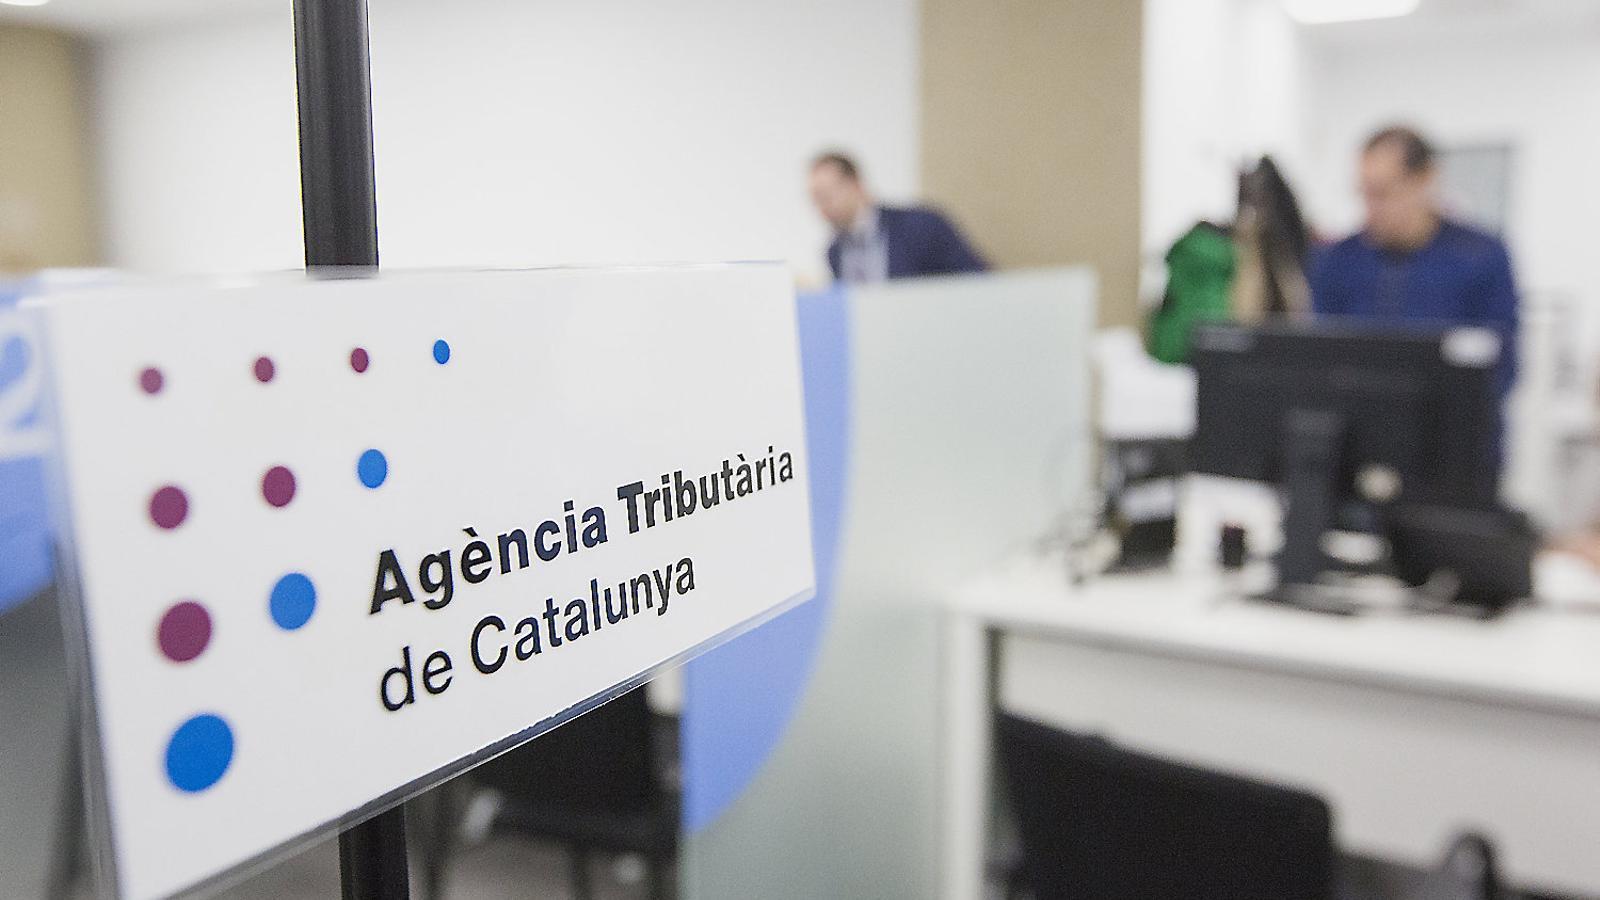 La crisi i l'ajornament del pagament d'impostos ensorren la recaptació de la Generalitat